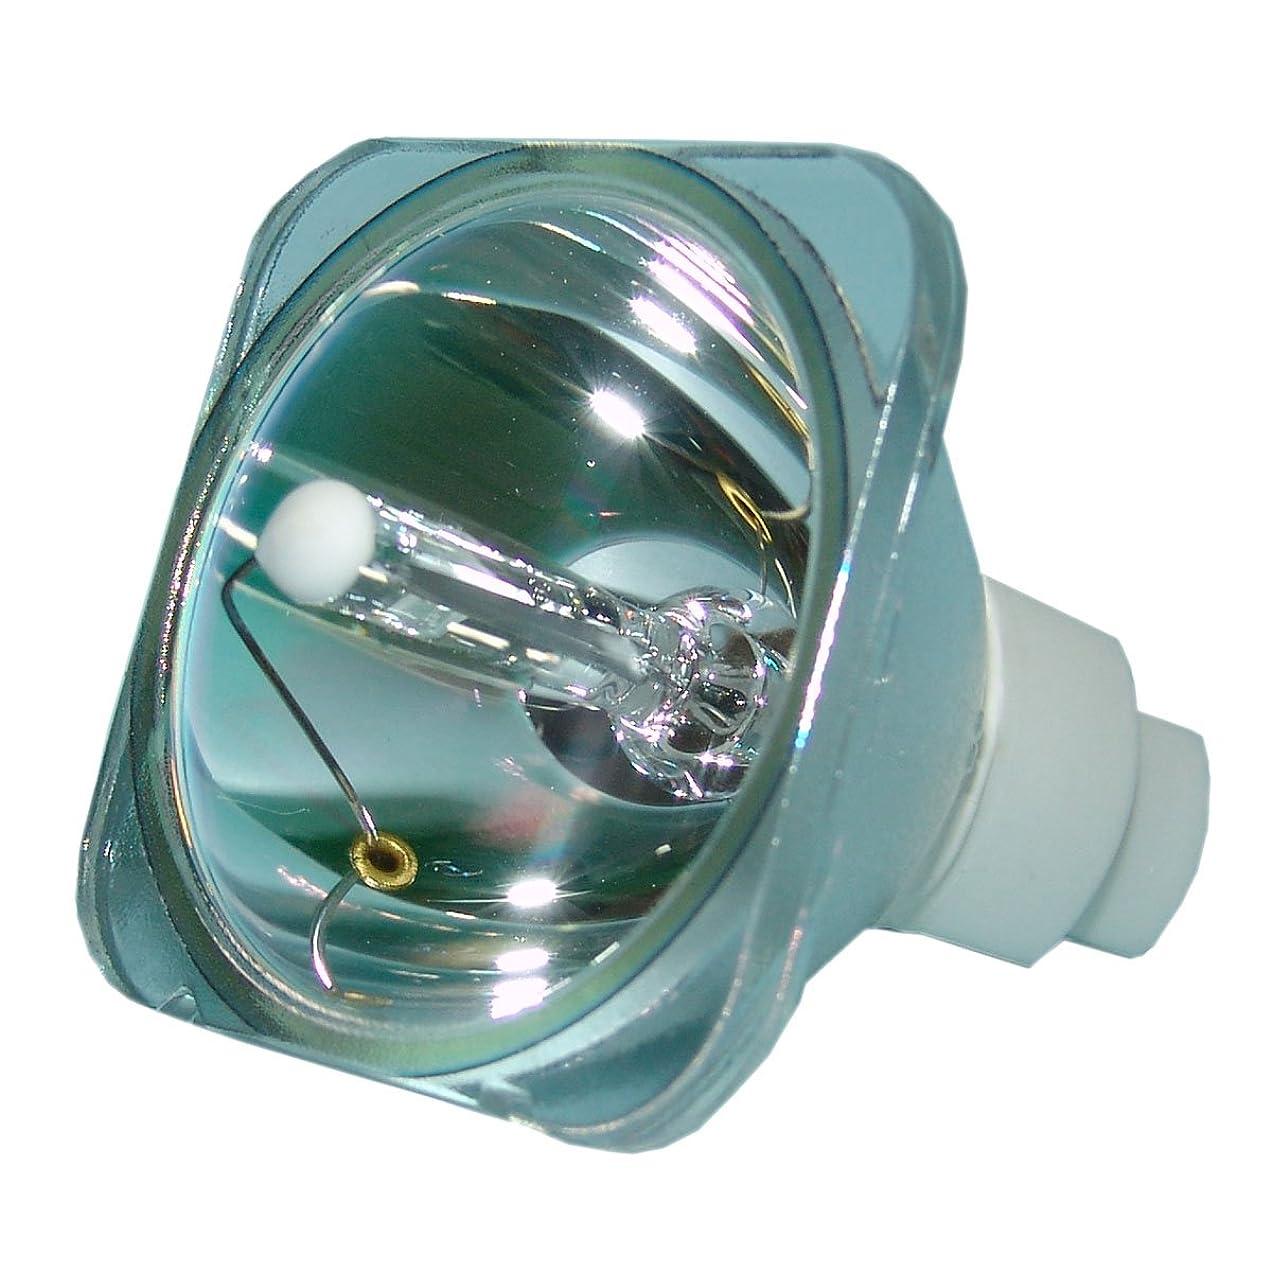 ヒゲ貨物心理学Lutema 交換用ランプ ハウジング/電球付き BenQ 5J.Y1B05.001用 Economy